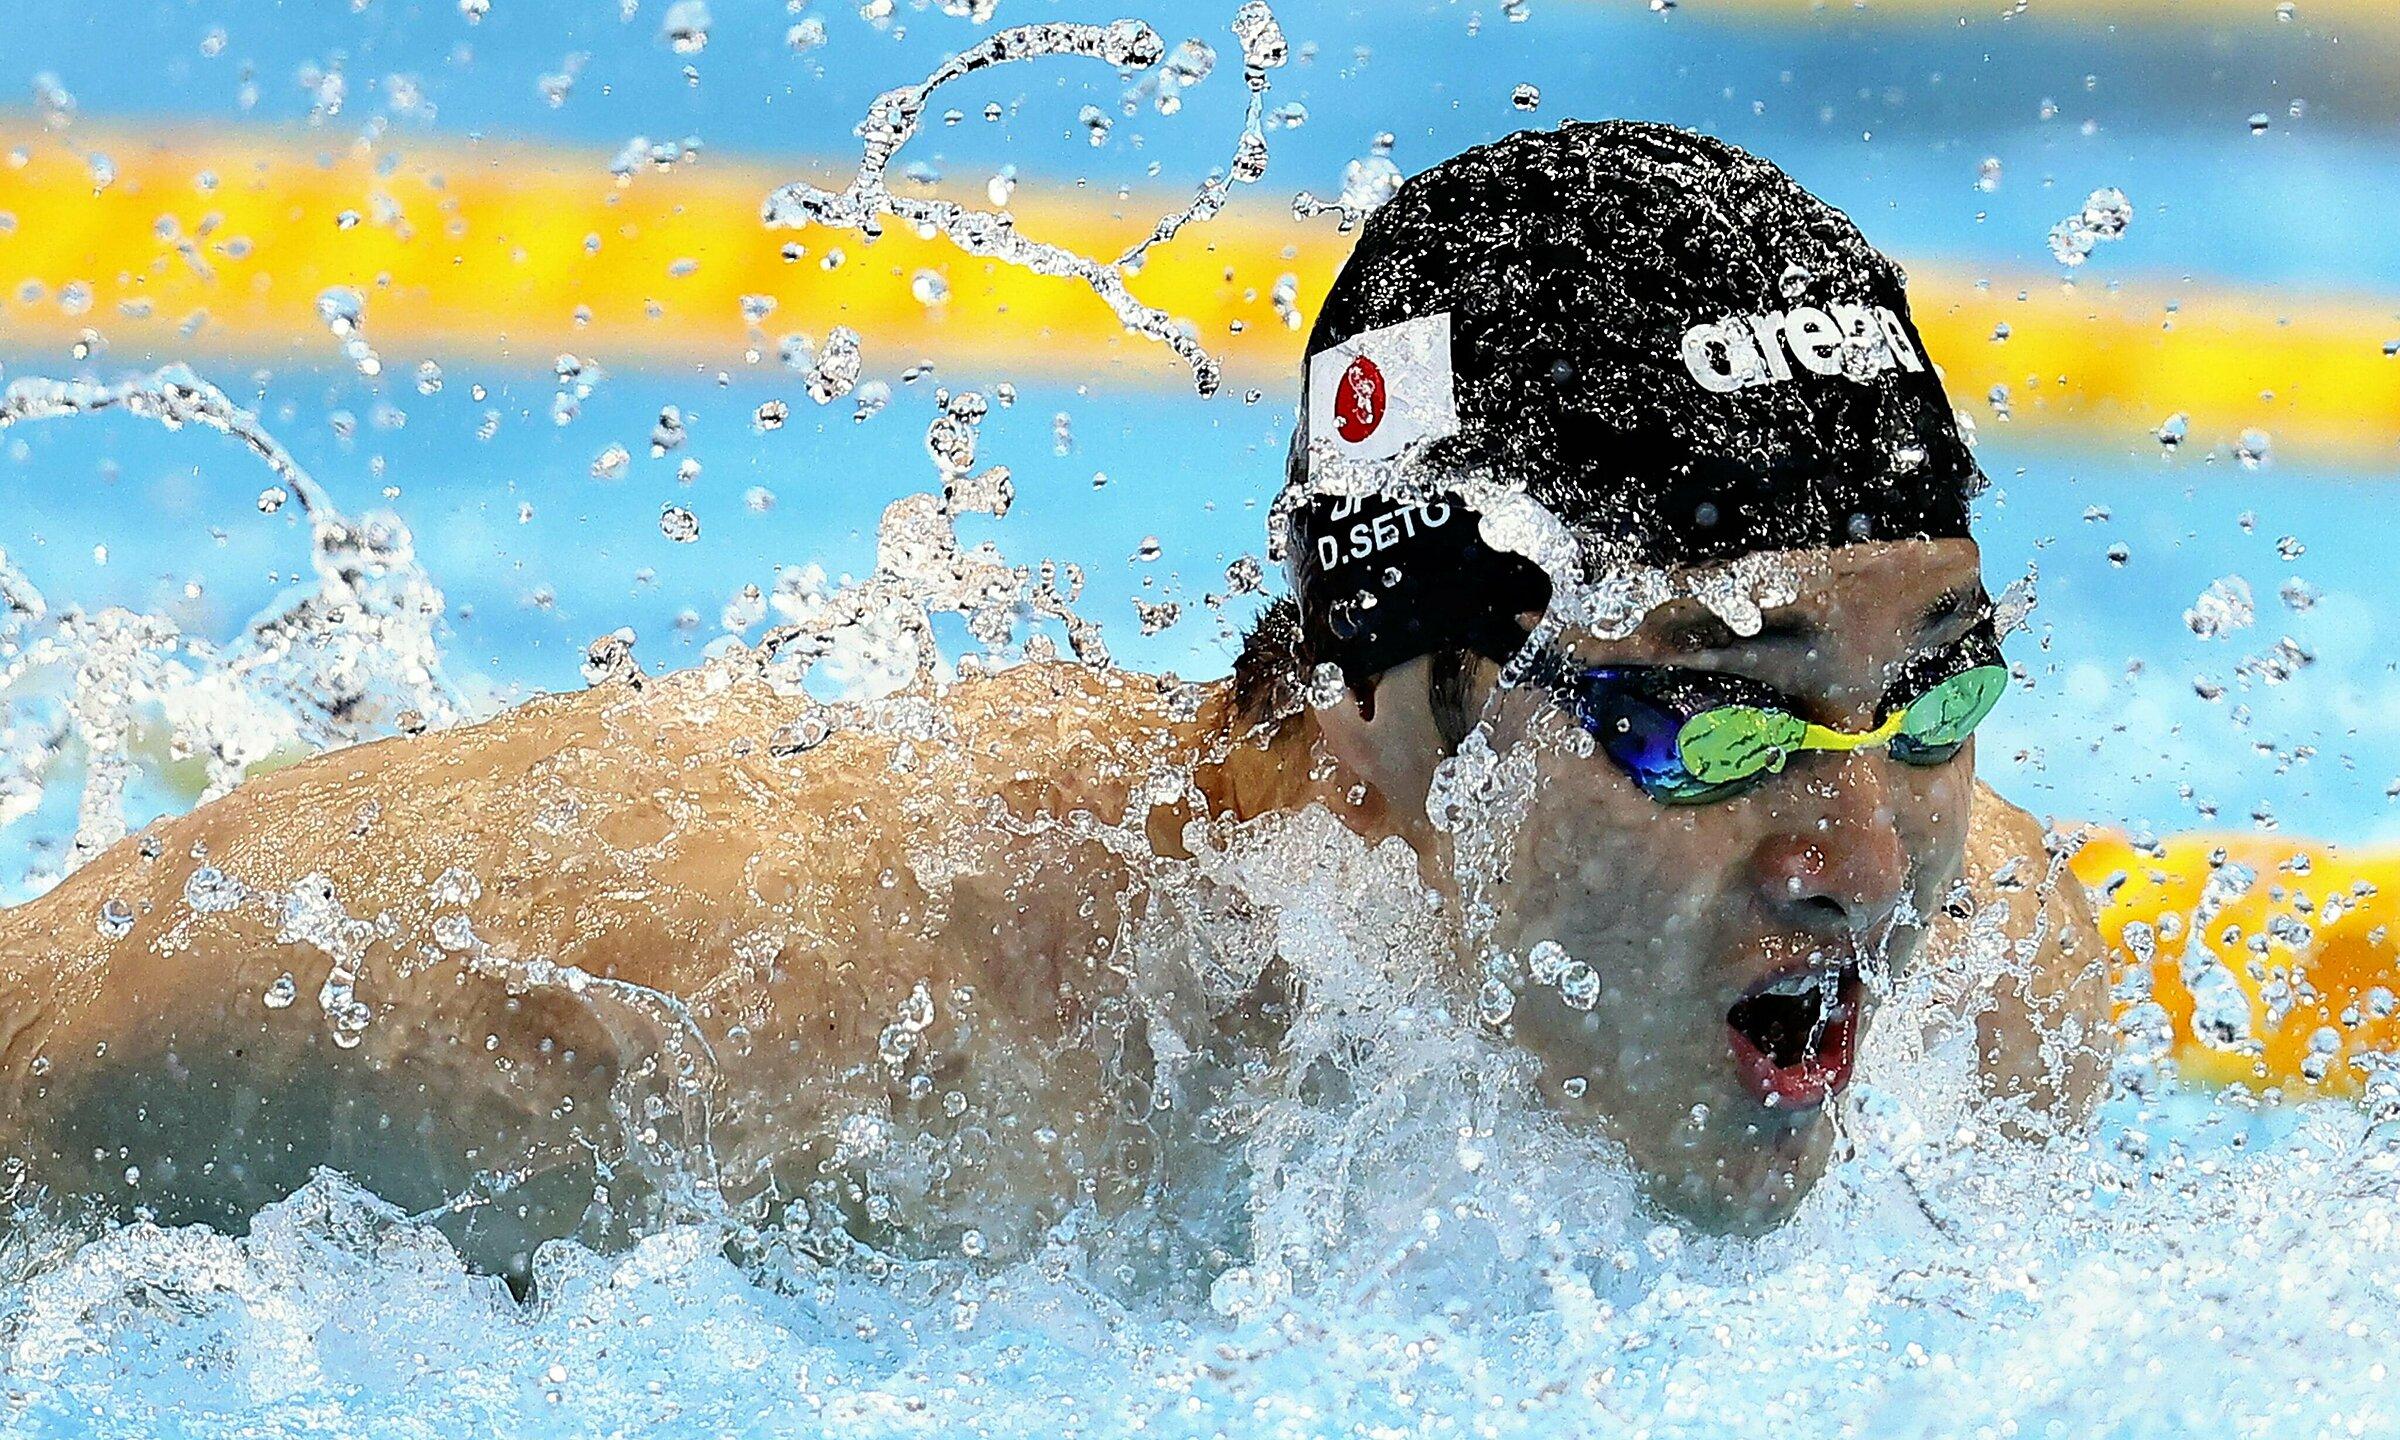 Seto trên đường bơi chung kết 200m cá nhân hỗn hợp hôm 30/7. Ảnh: Yomiuri Shimbun